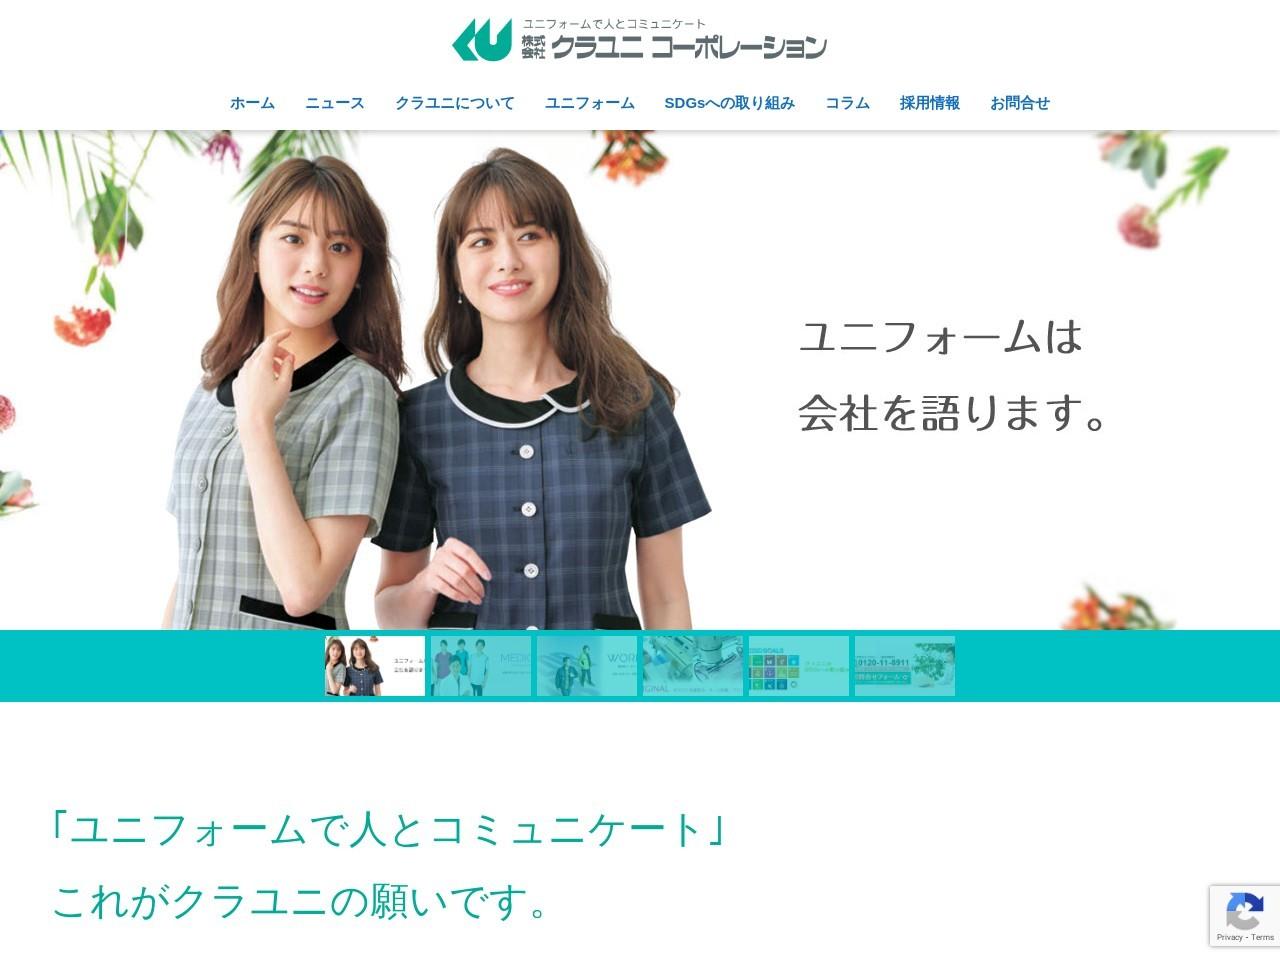 株式会社クラユニコーポレーション四日市支店